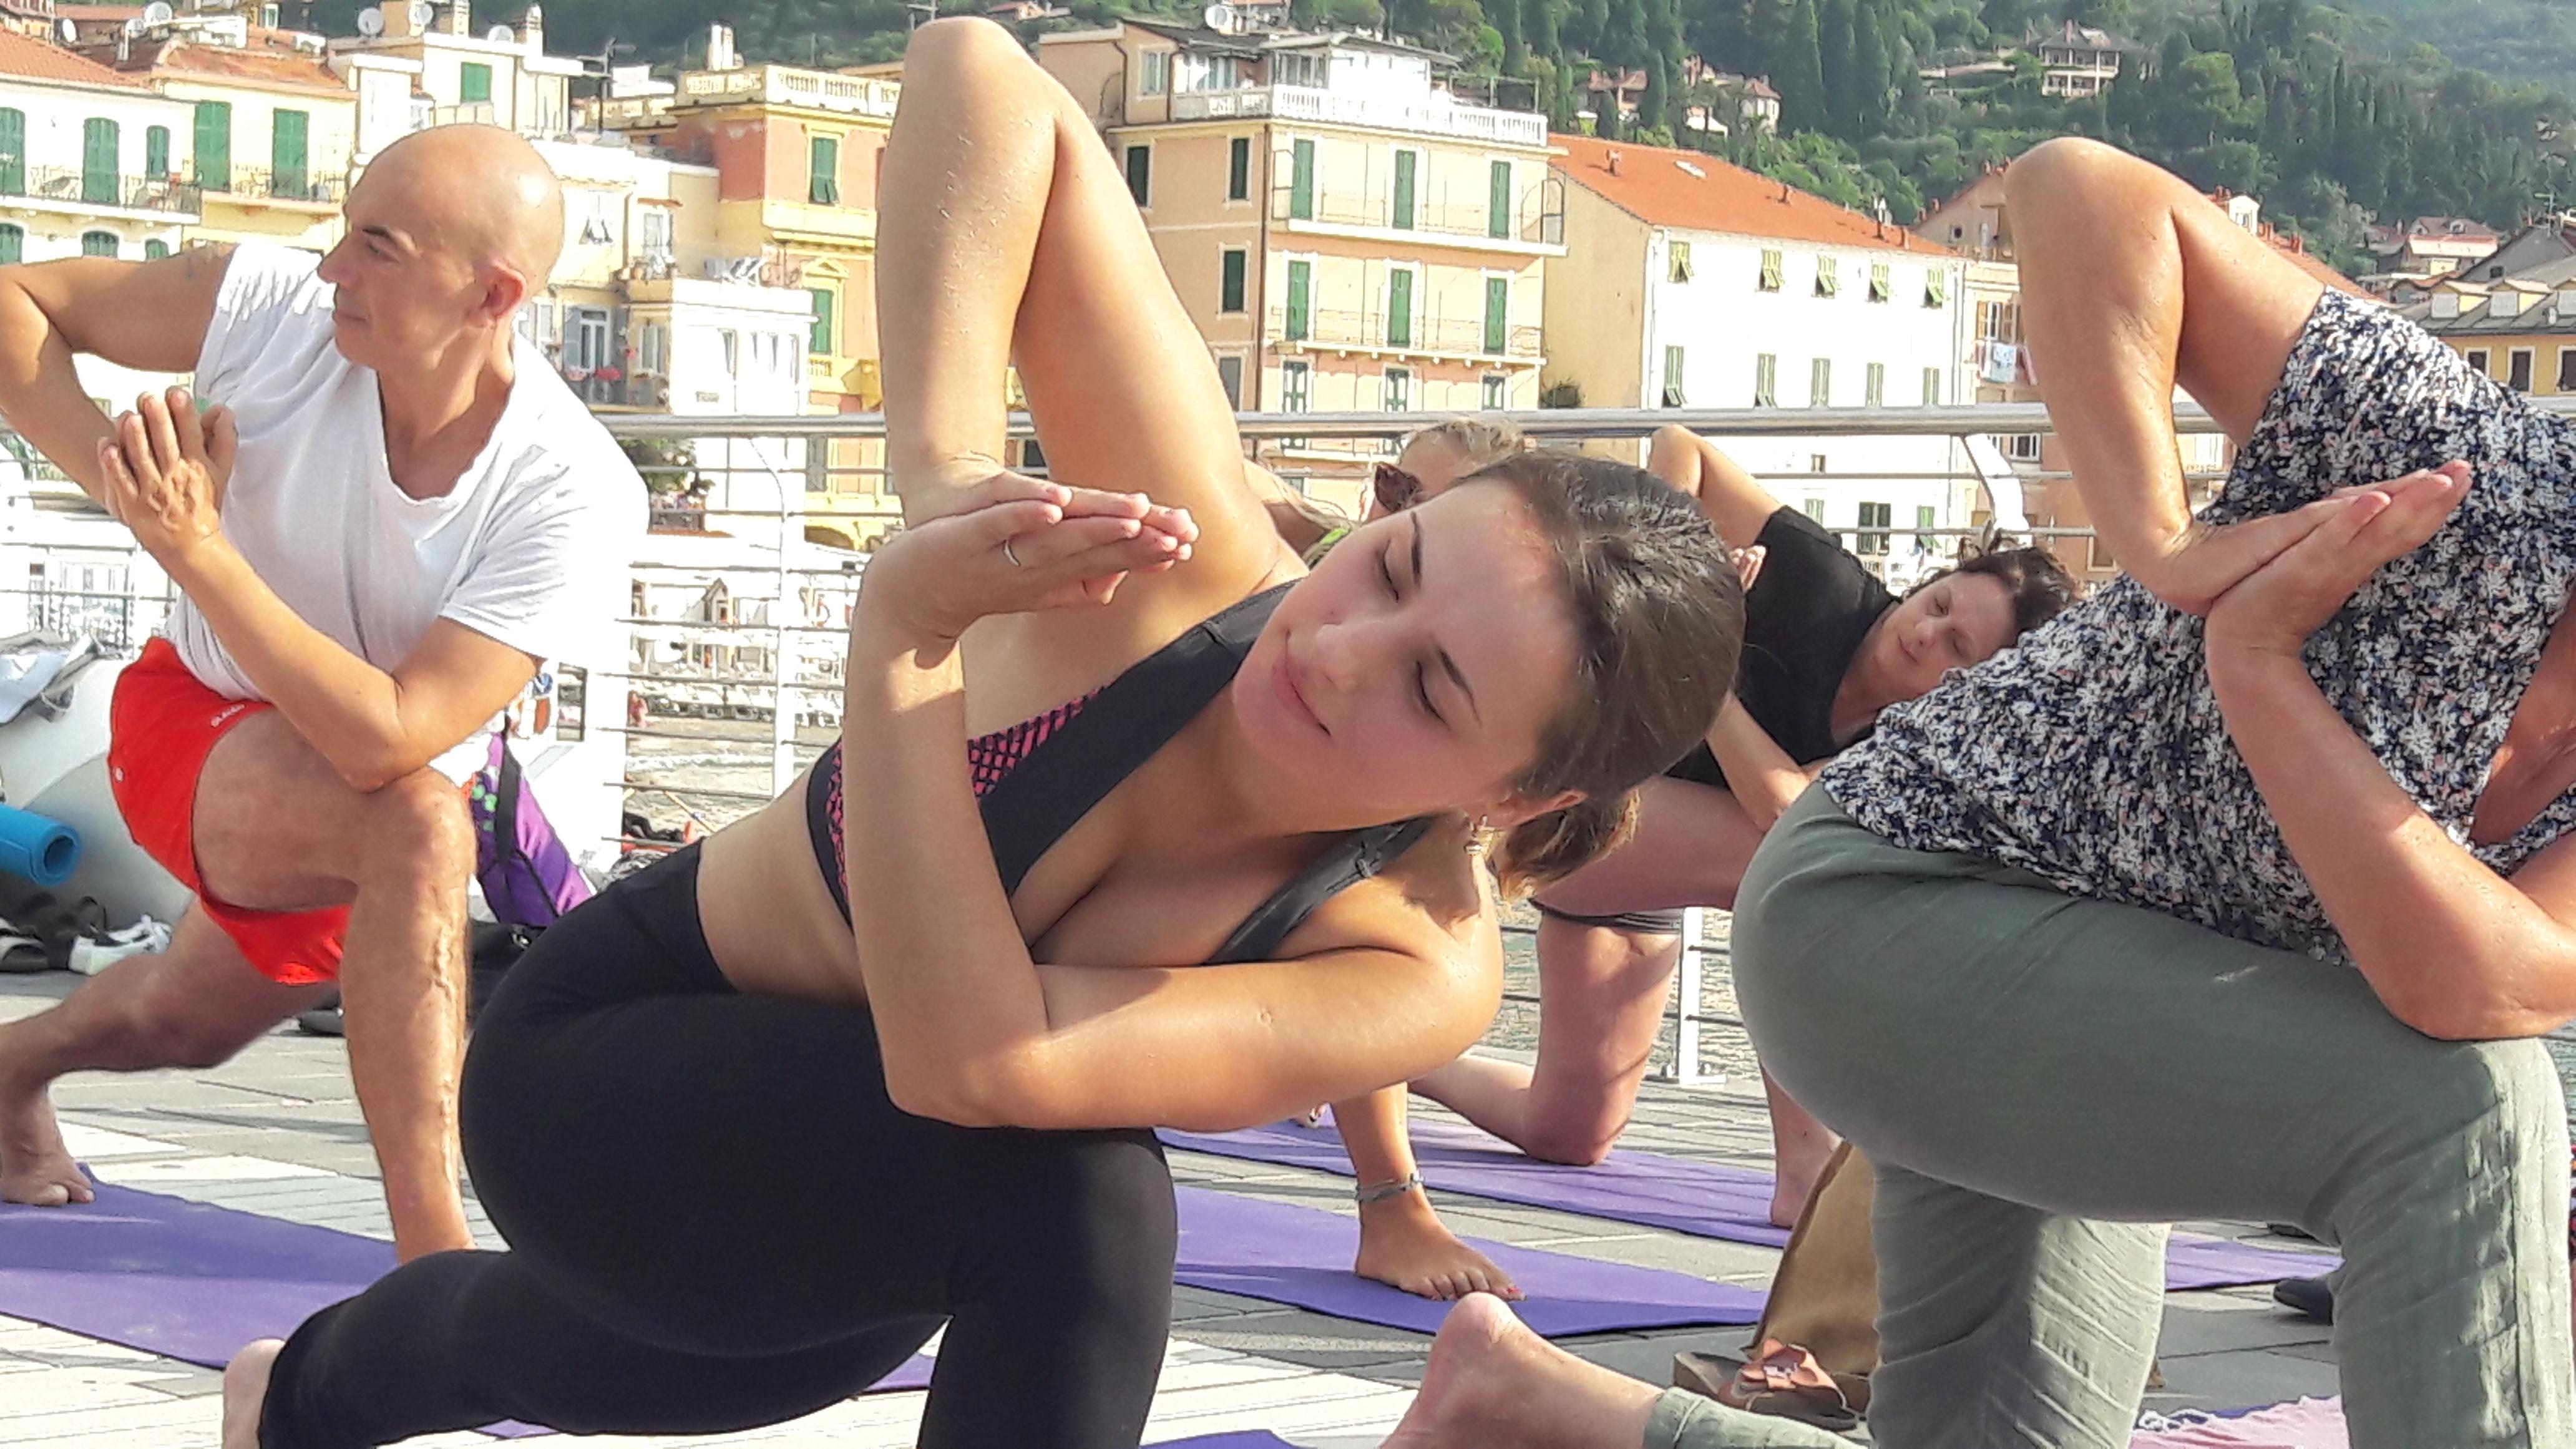 1_essere-free-yoga-gratuito-benessere-per-tutti-village-citta-alassio-estate-lucia-ragazzi-summer-town-wellness-056